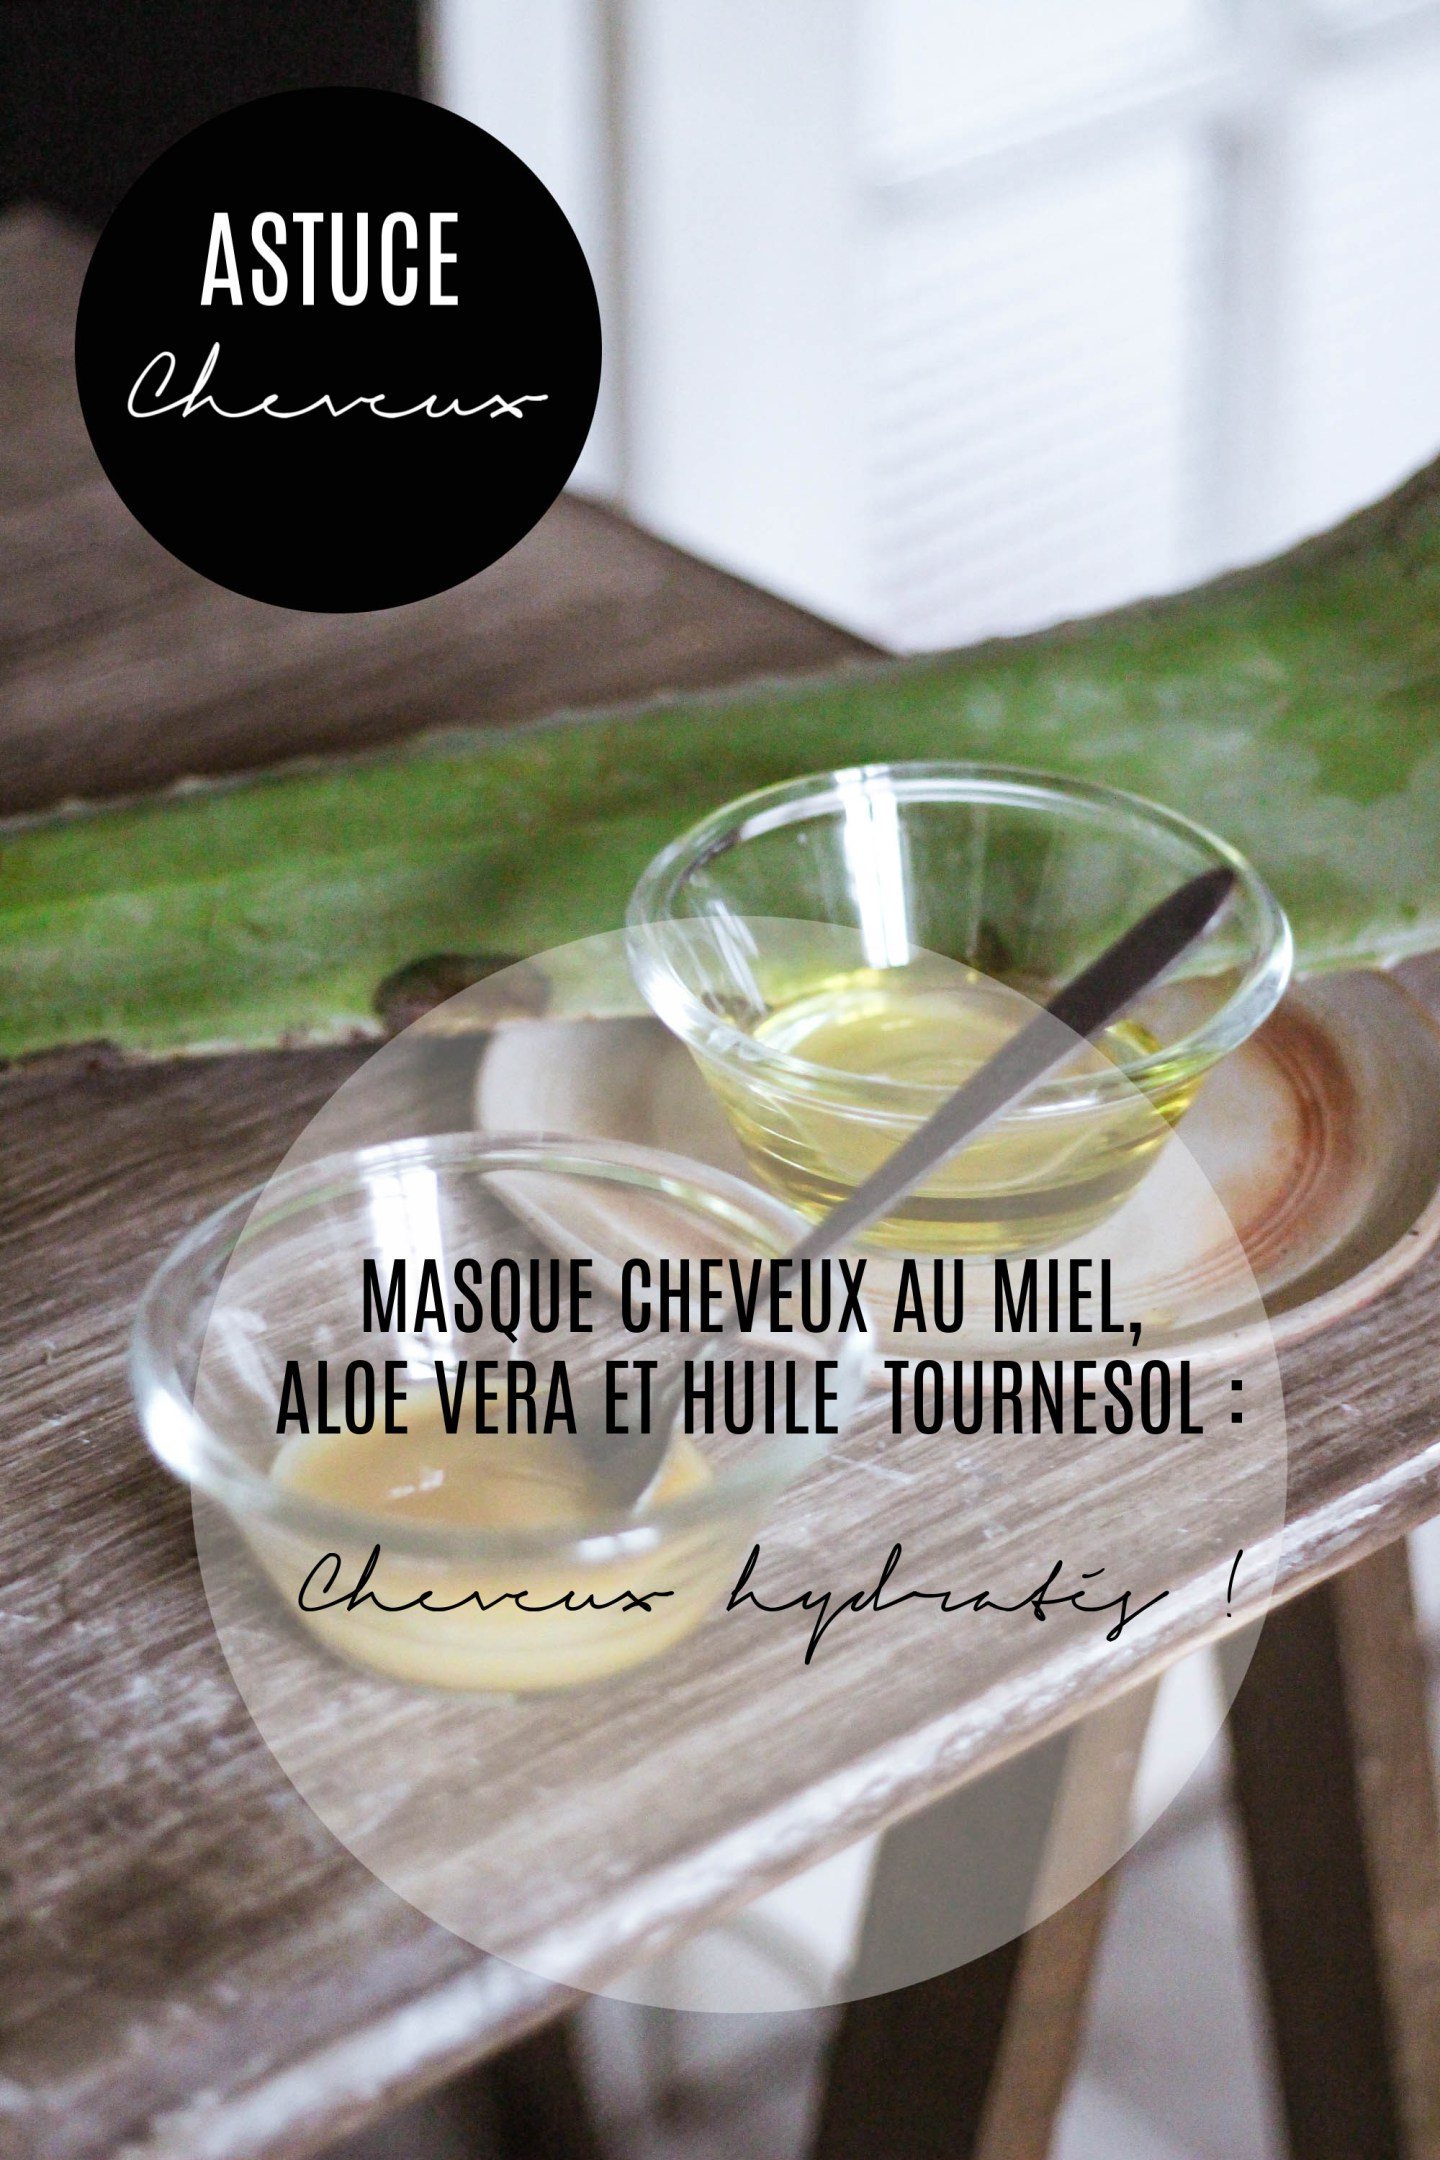 MASQUE CHEVEUX AU MIEL, ALOE VERA ET HUILE DE TOURNESOL : Cheveux hydratés !